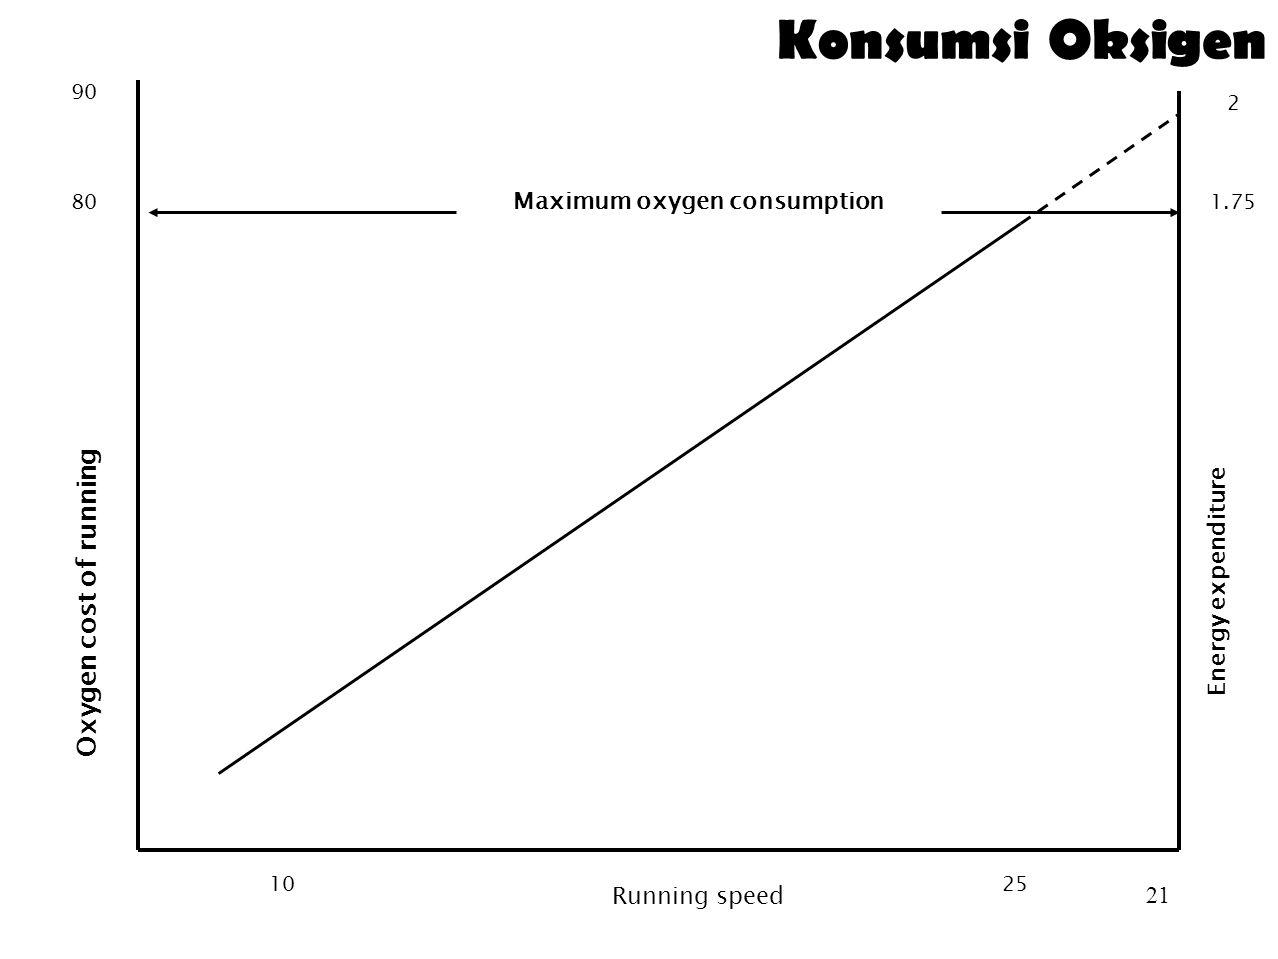 20 Konsumsi Oksigen  Maximum Oxygen Uptake atau VO 2 max menyatakan kapasitas individu untuk menggunakan oksigen (aerobic capacity)  Secara umum diukur dengan metode 'treadmill' atau 'pedal a bicycle ergometer', dan oksigen yang diambil diukur  1 L oksigen menghasilkan 4,8 kcal  Oxygen uptake membatasi work capacity  VO 2 max individu berbeda-beda  Pelari lintas alam/maraton VO 2 max = 70-80 mL O 2 /kg BB/menit  Nilai rata-rata 40mL/kgBB/menit  Secara umum individu dapat bekerja selama 8 jam pada dengan kecepatan 30-50% dari kapasitas maksimum